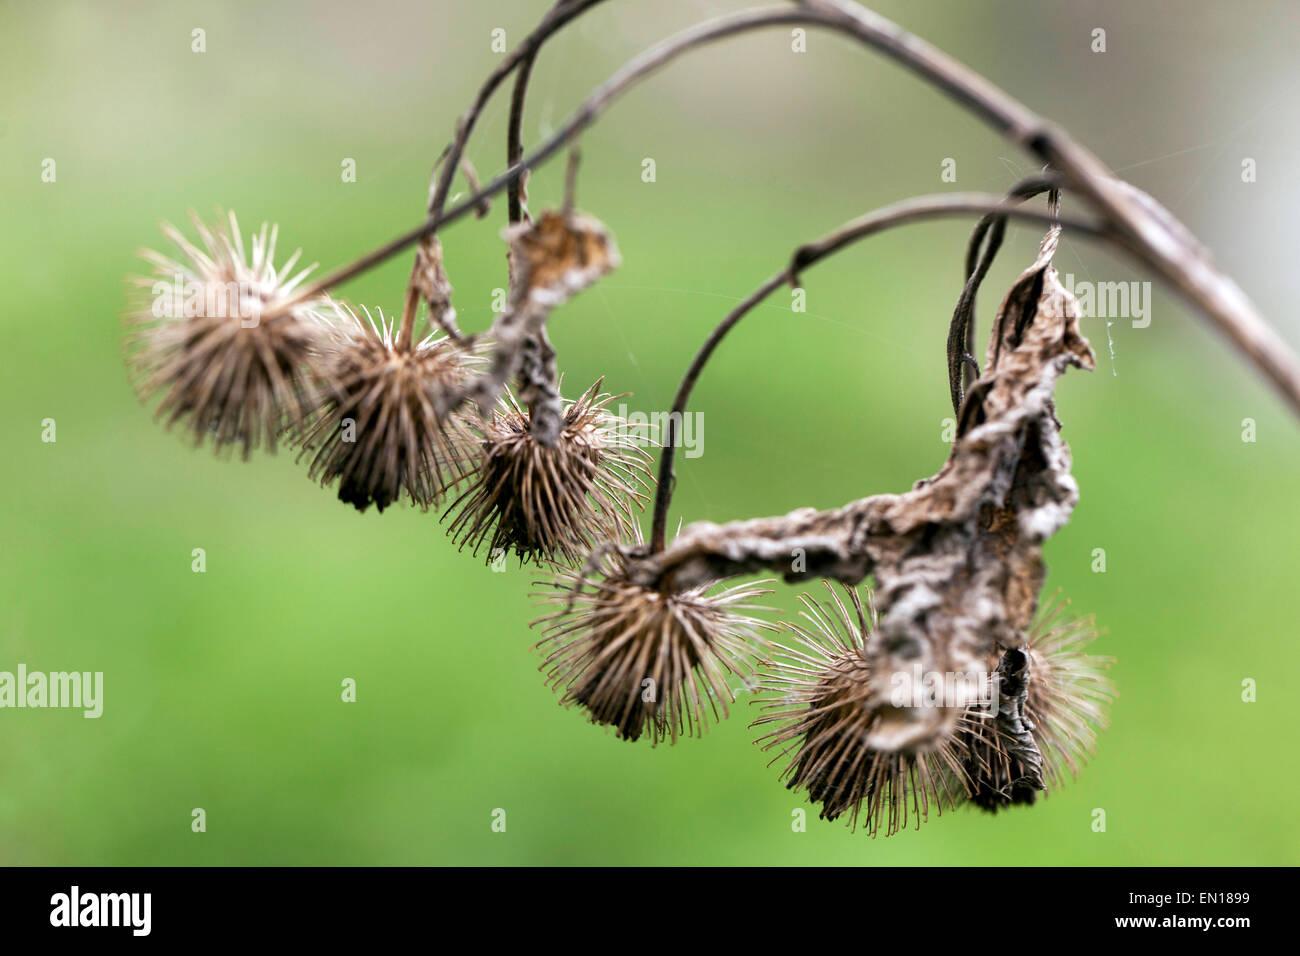 Trockene Samen Klette Köpfe mit Haken, Holz Klette, Arctium Nemorosum. Tramper, Haken und Ösen Verschluss Stockbild